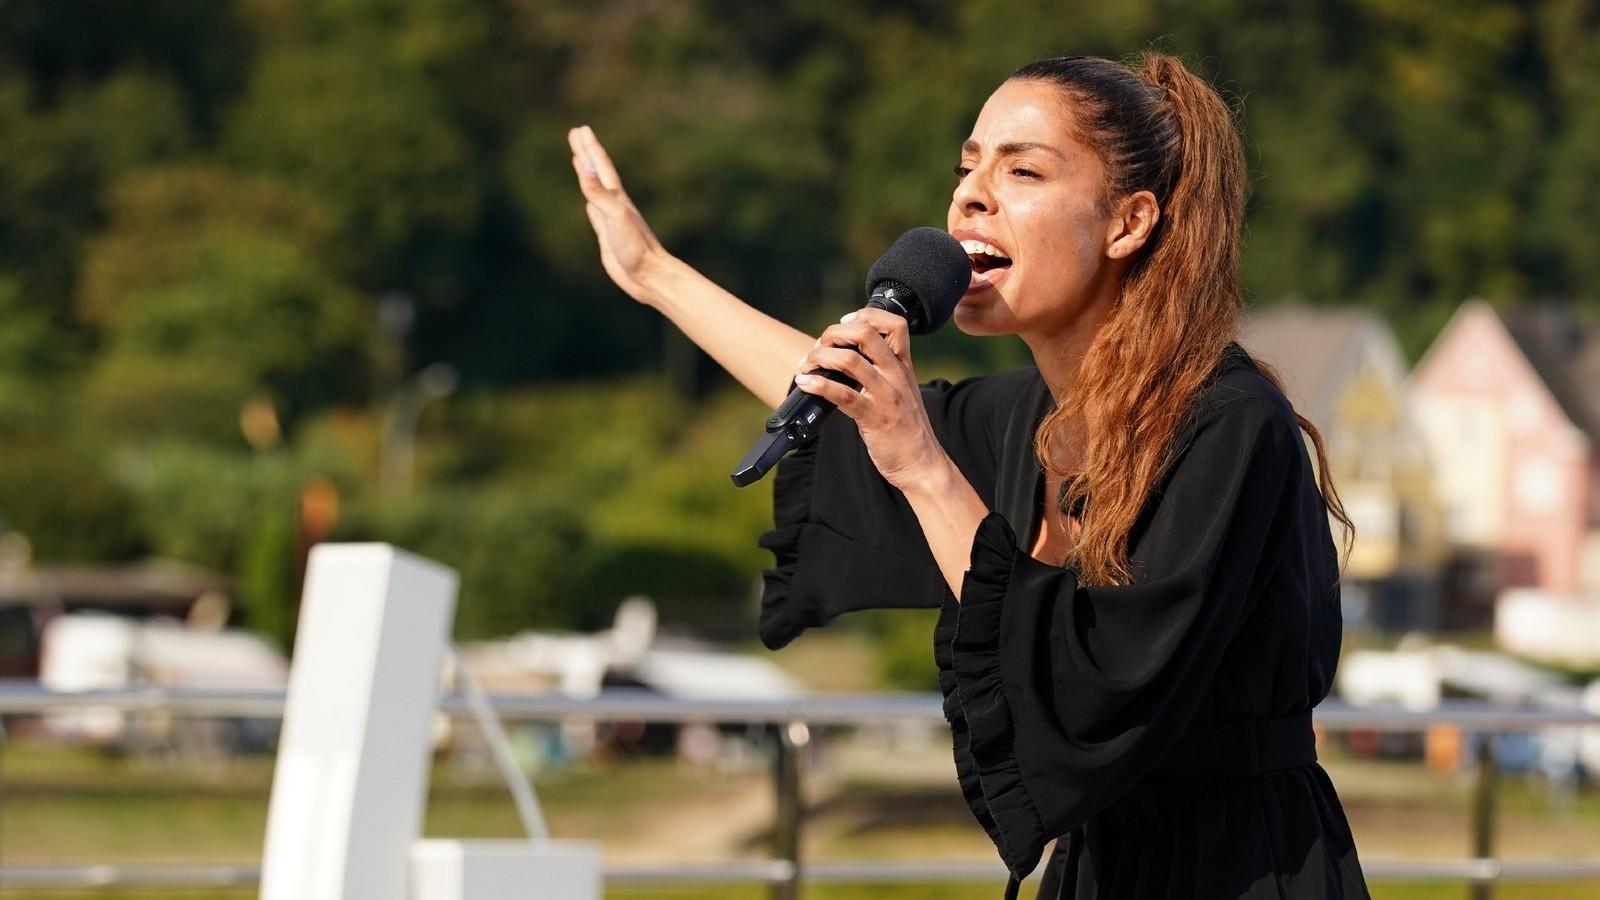 DSDS-Kandidatin Jessica De Freitas Soares